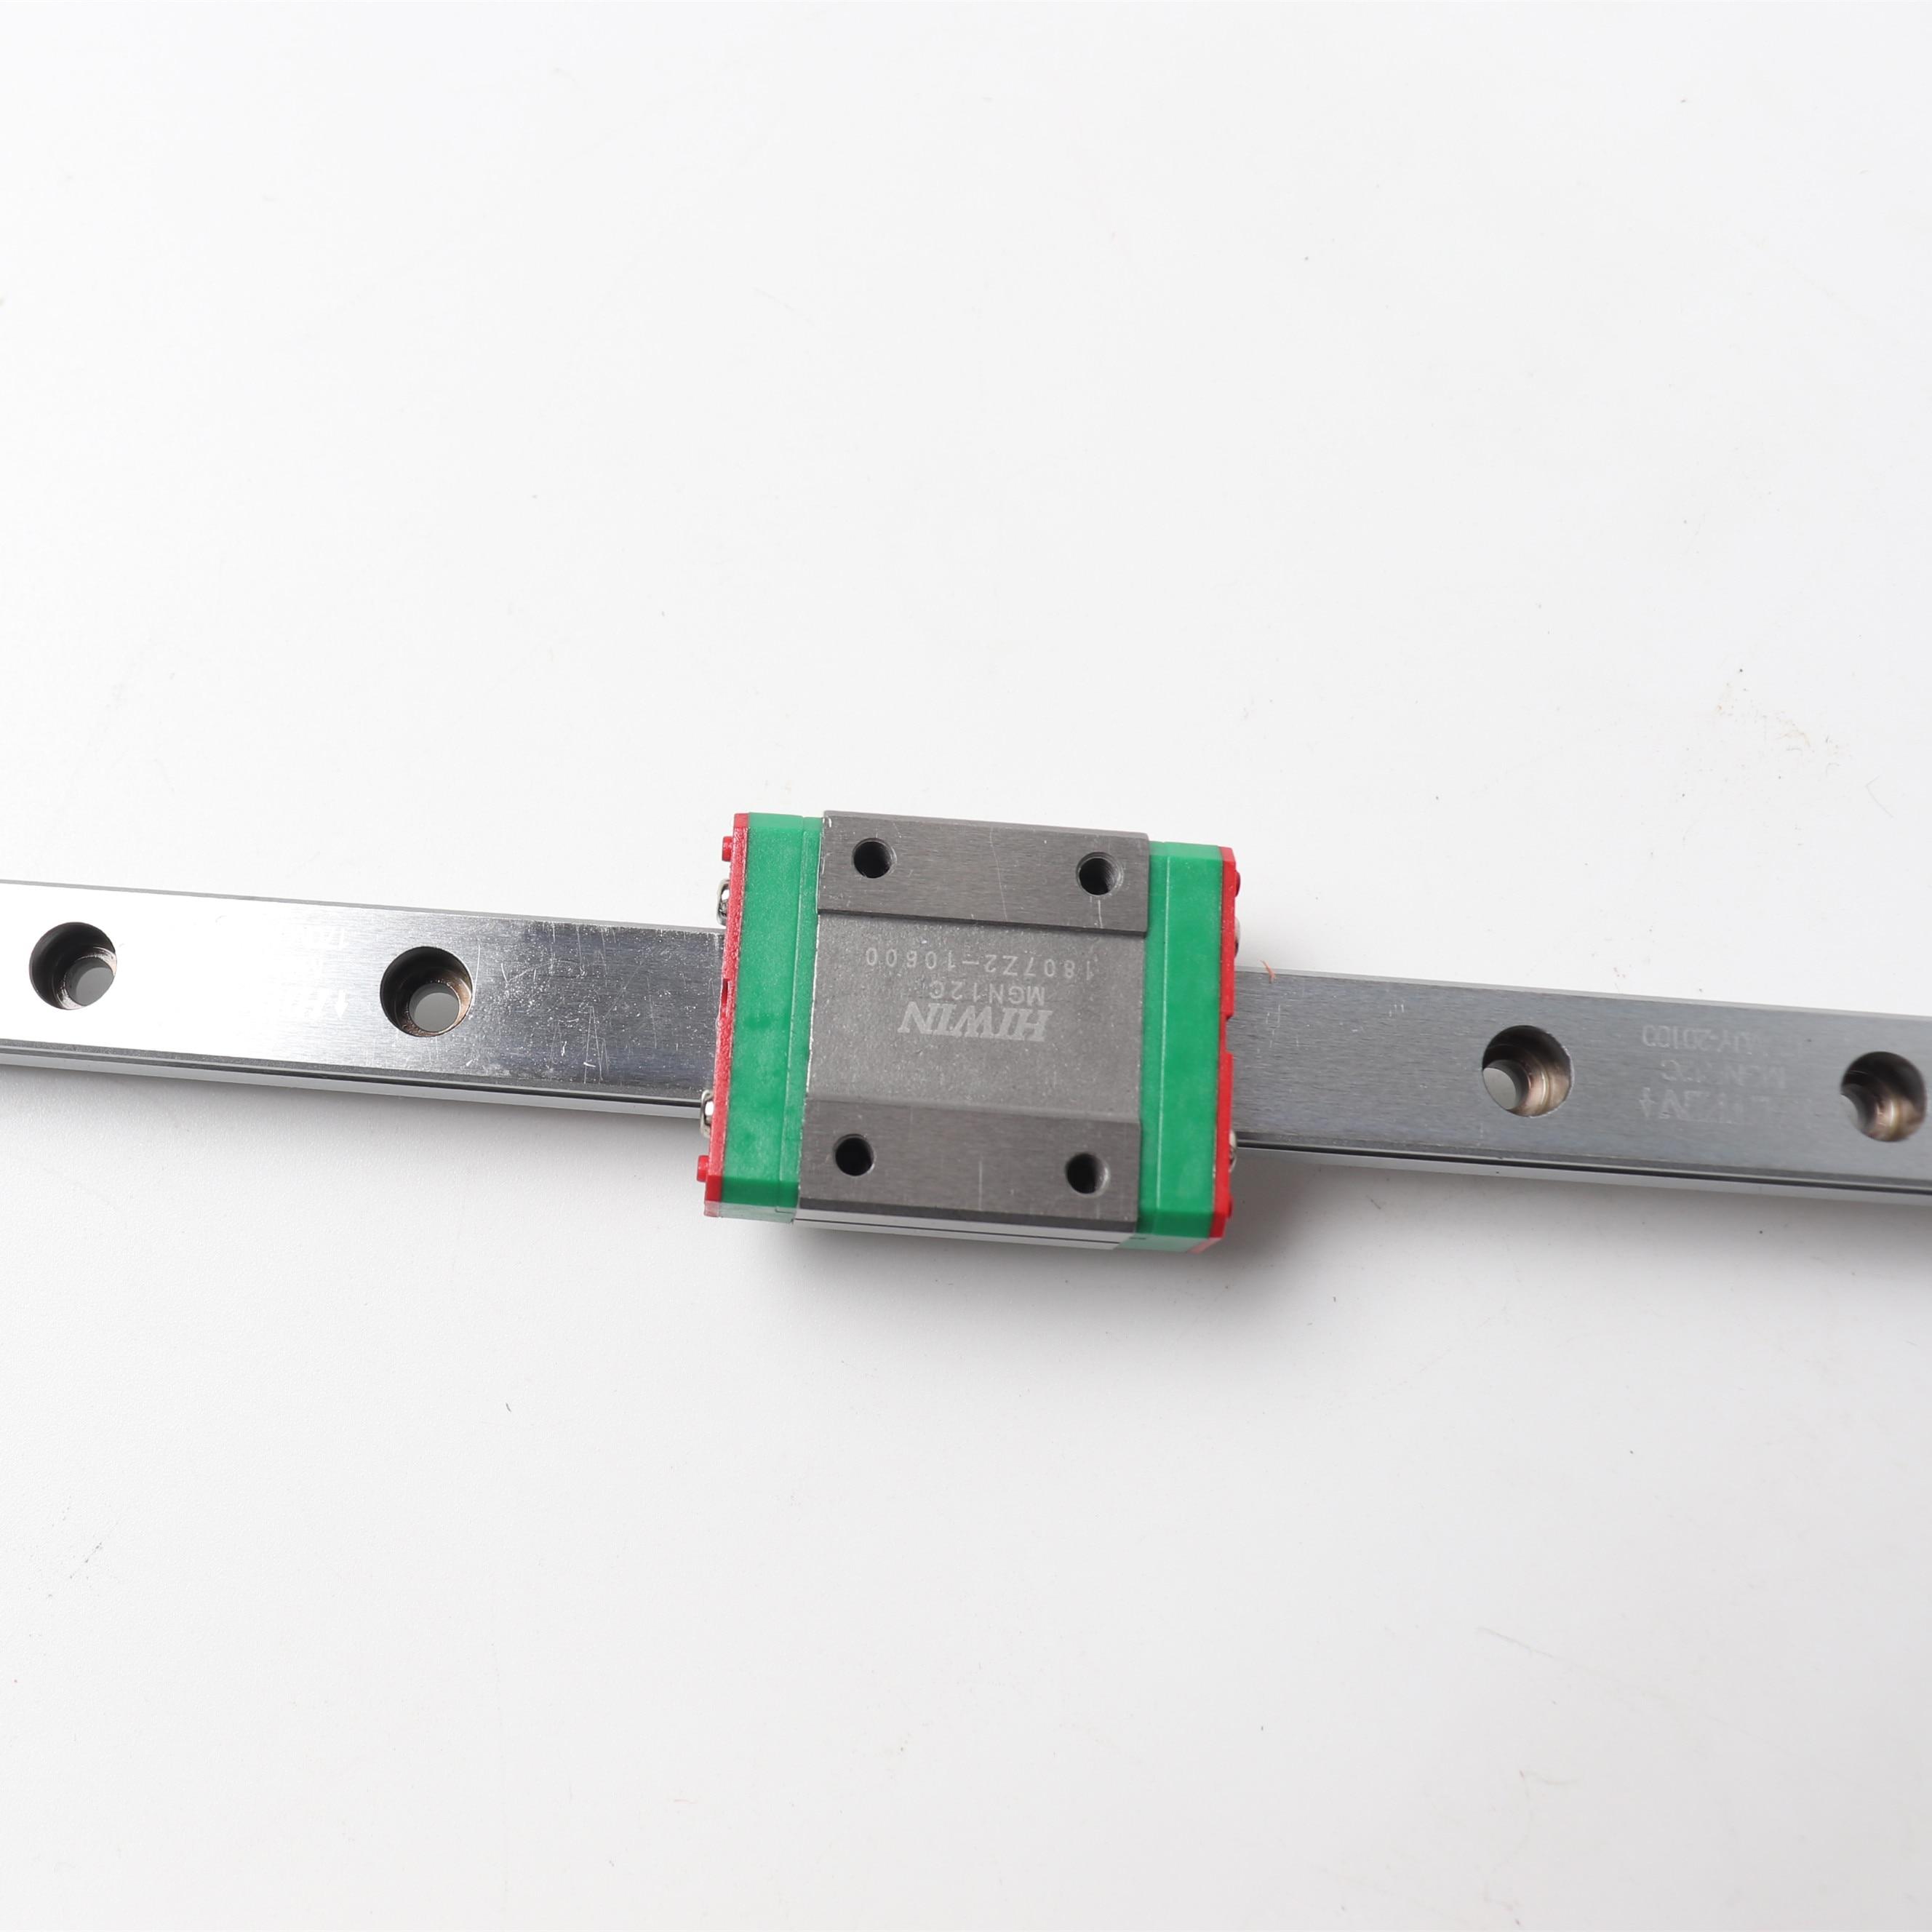 Original Hiwin MGN12H wagen + 400mm L MGNR12C linear schienen 5 stücke für BLV MGN Cube 3d drucker Hiwin MGN12H schiene